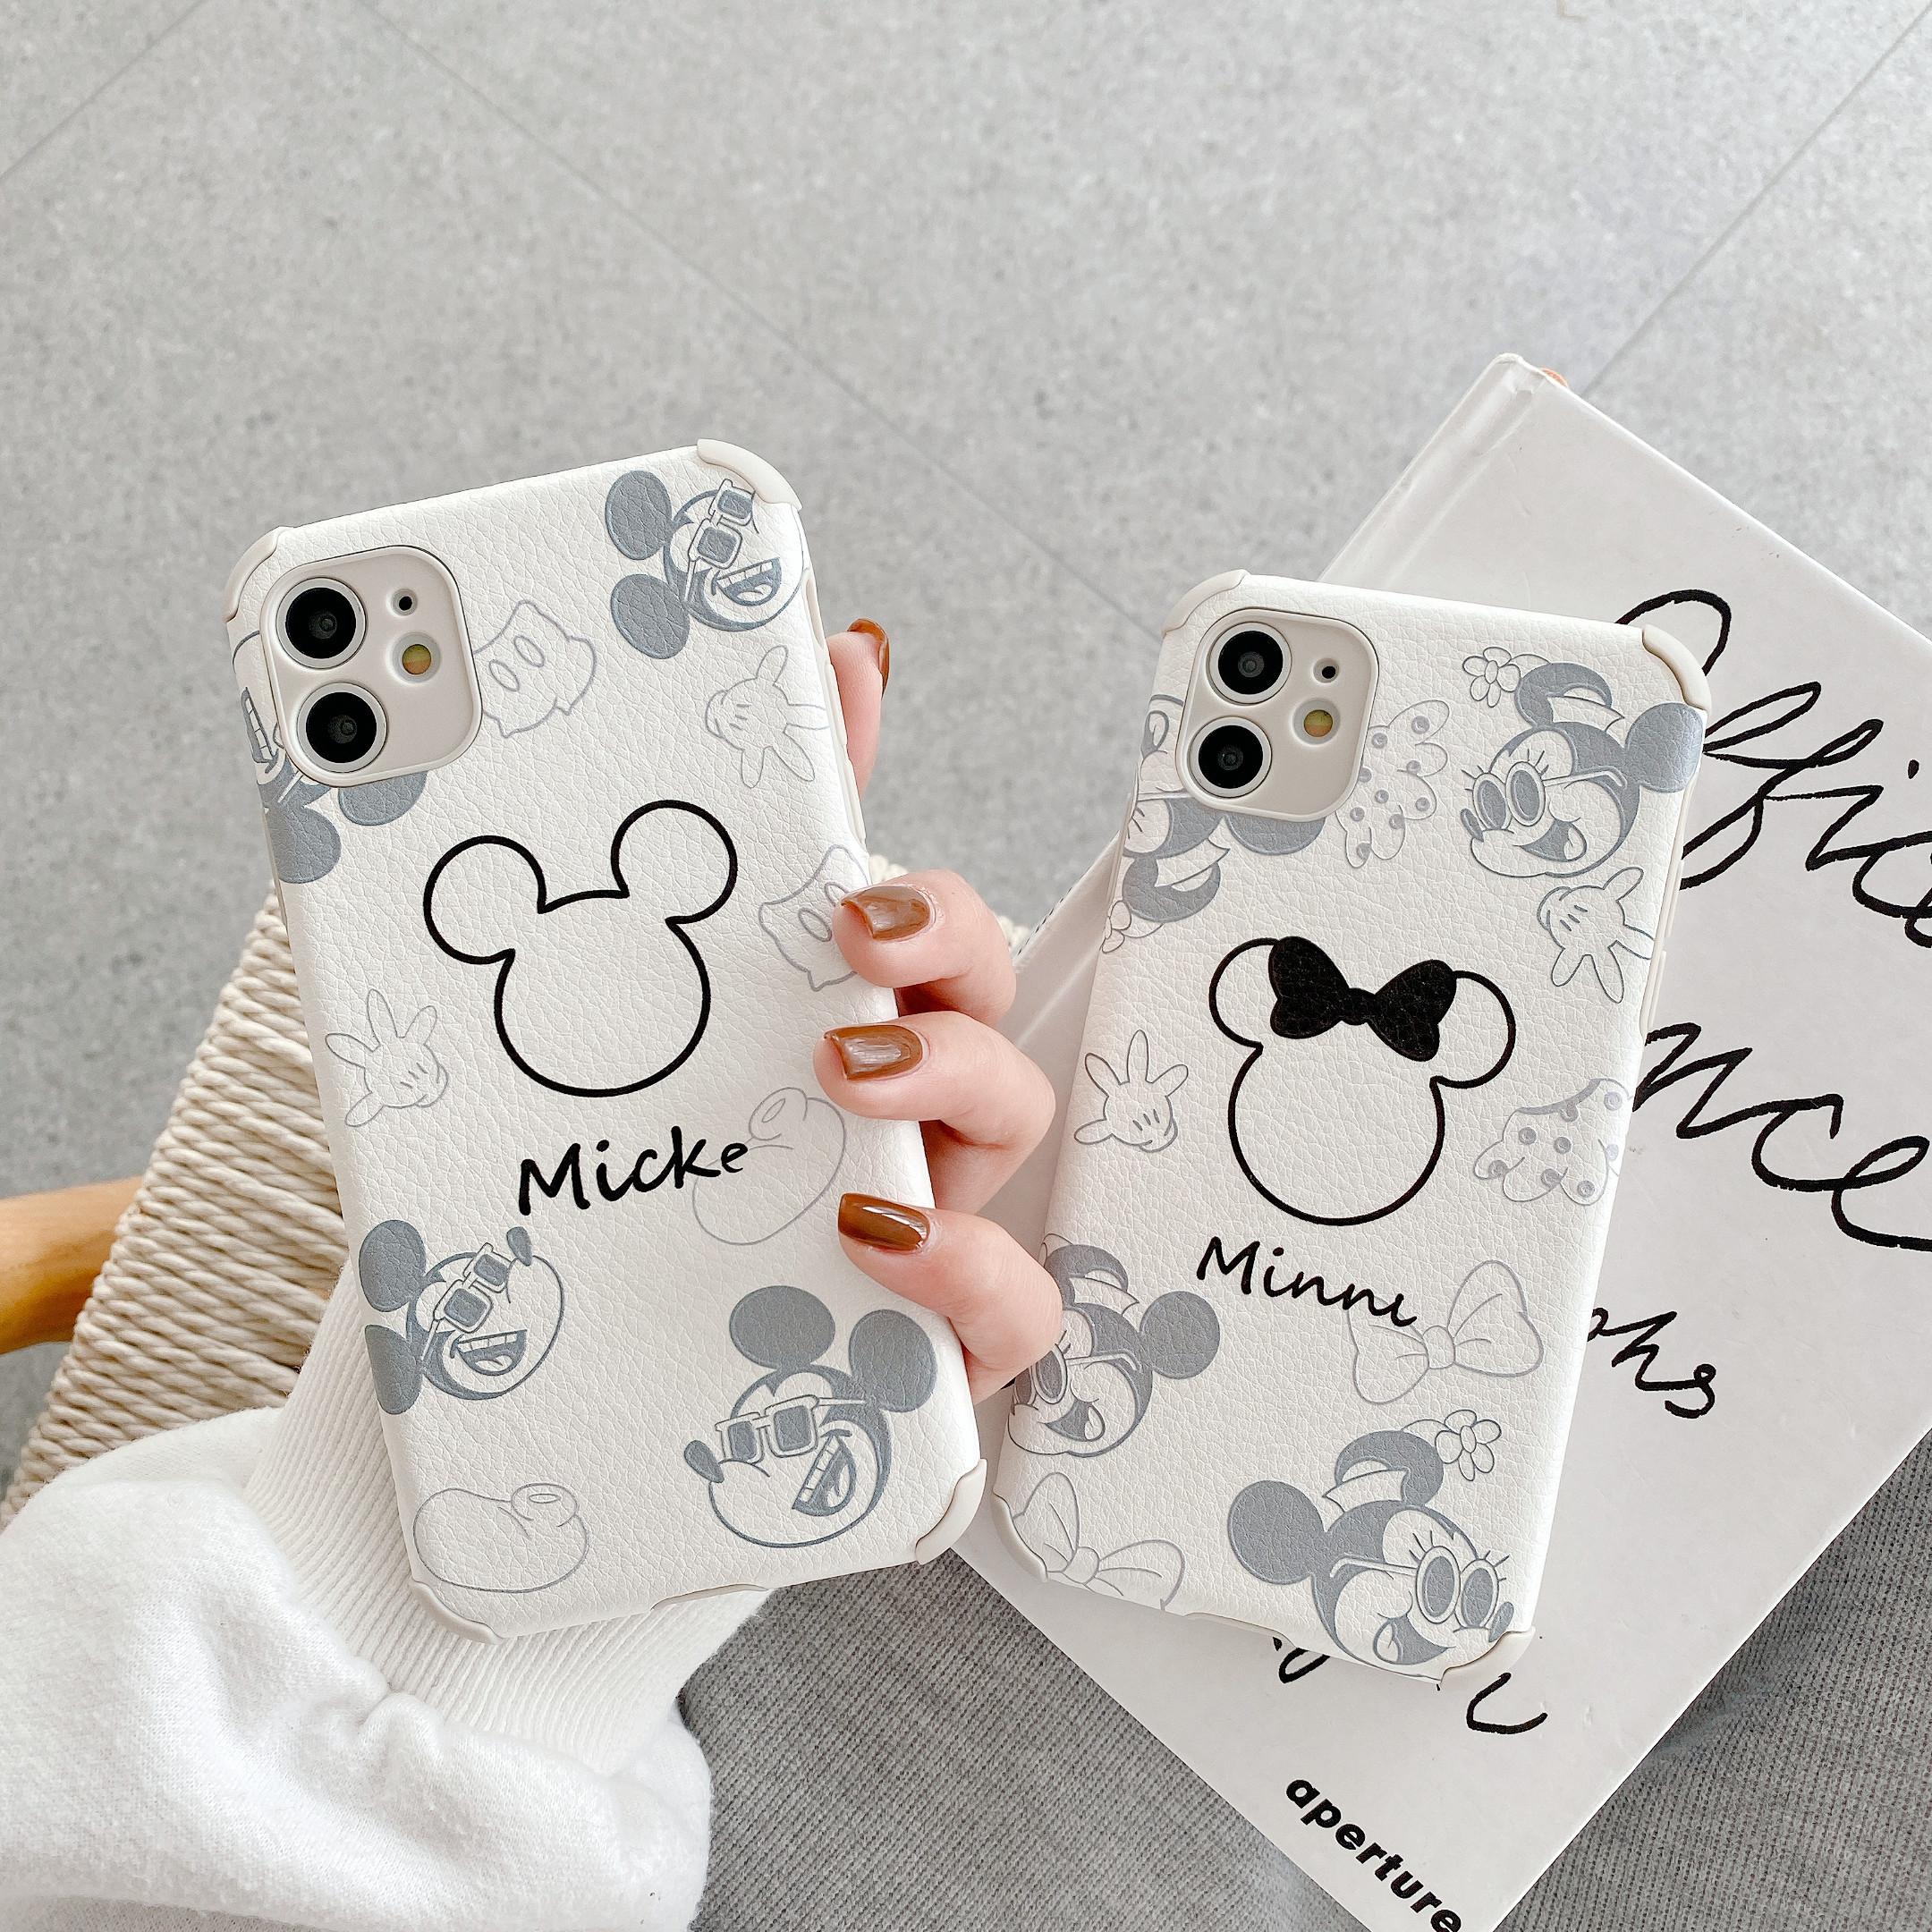 Case Pelindung Lensa Anti Jatuh Desain Mickey Untuk Iphone ...